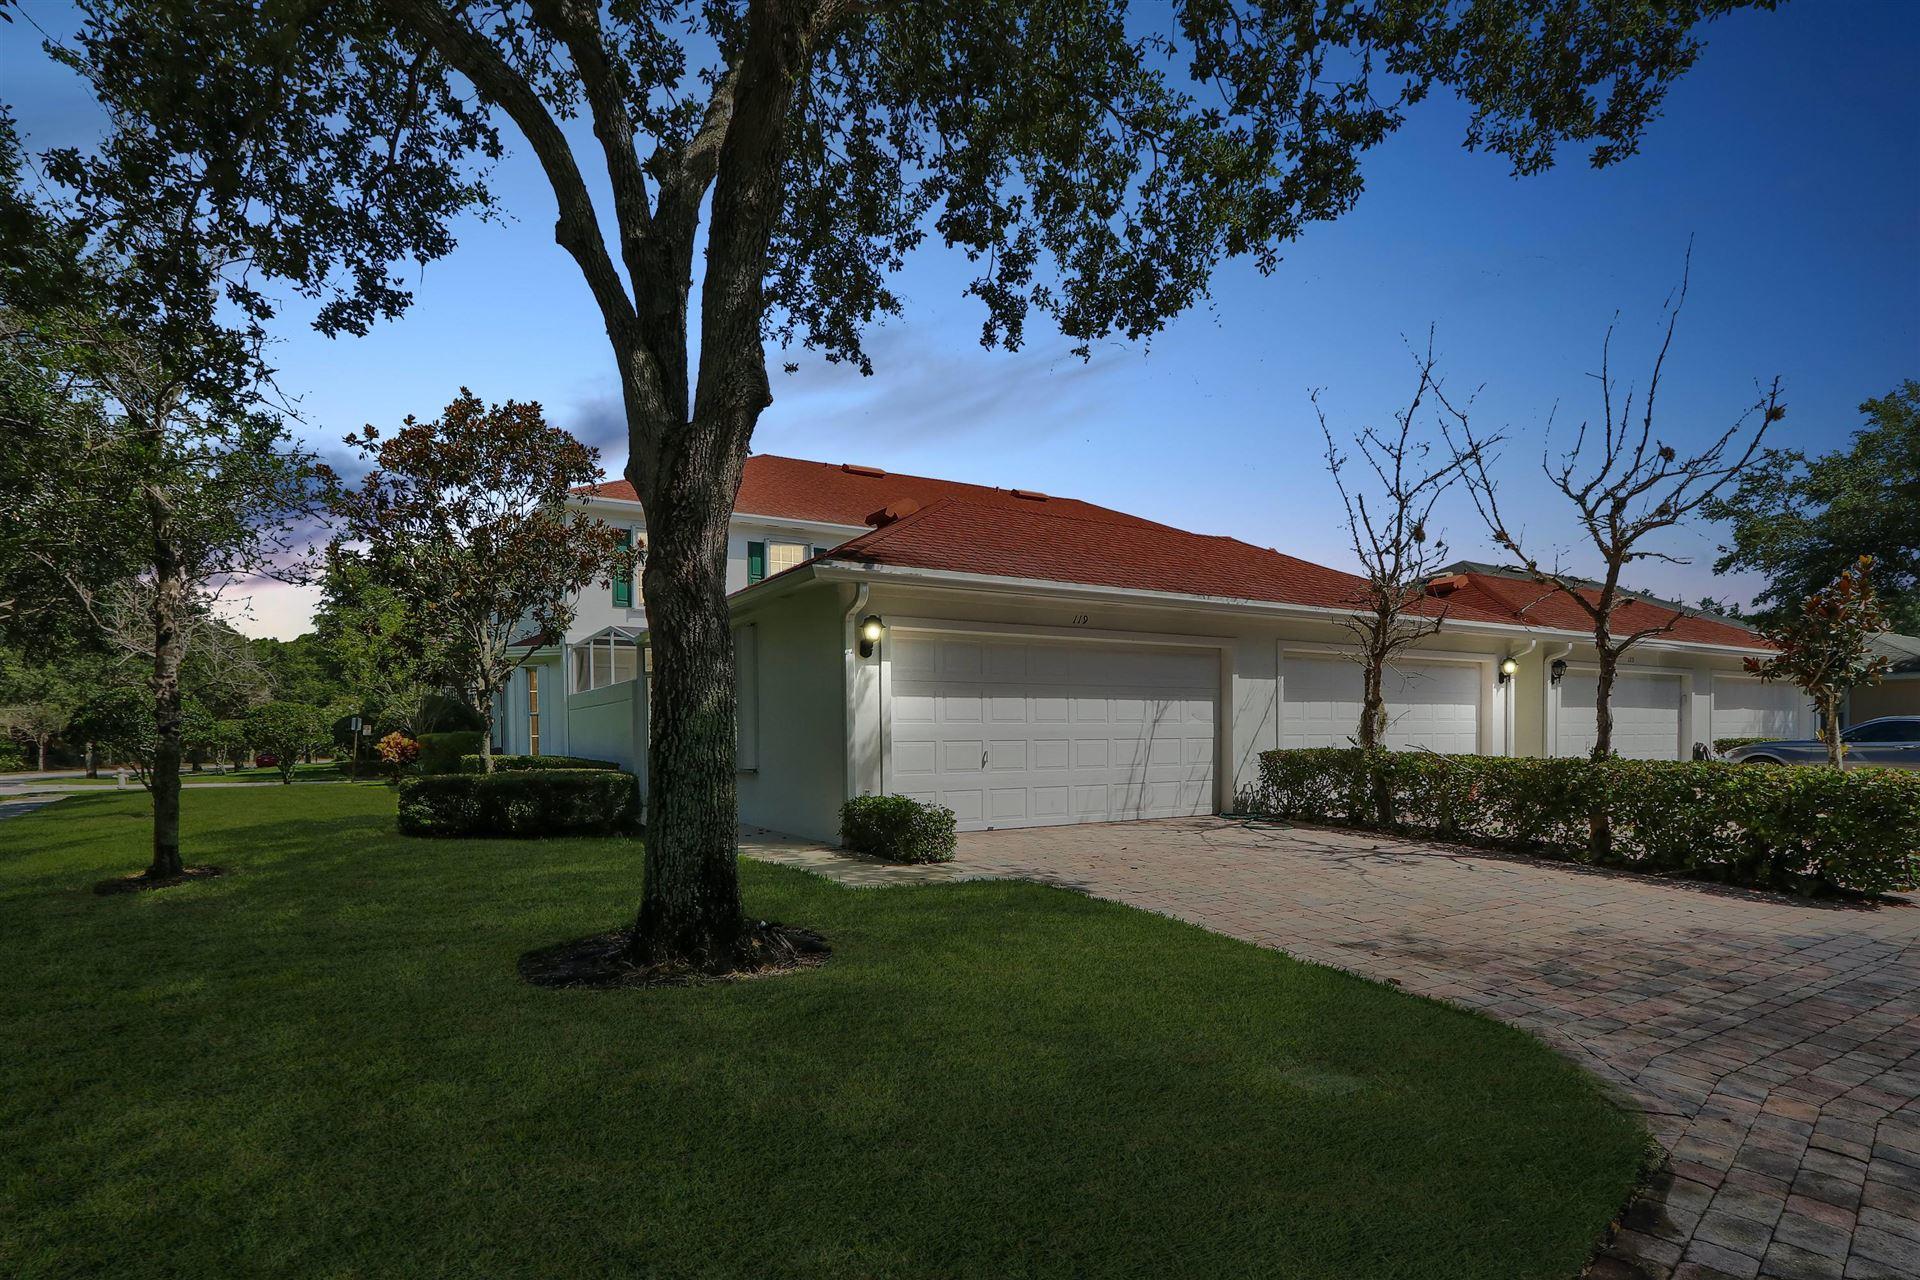 Photo of 119 Waterford Drive, Jupiter, FL 33458 (MLS # RX-10637812)